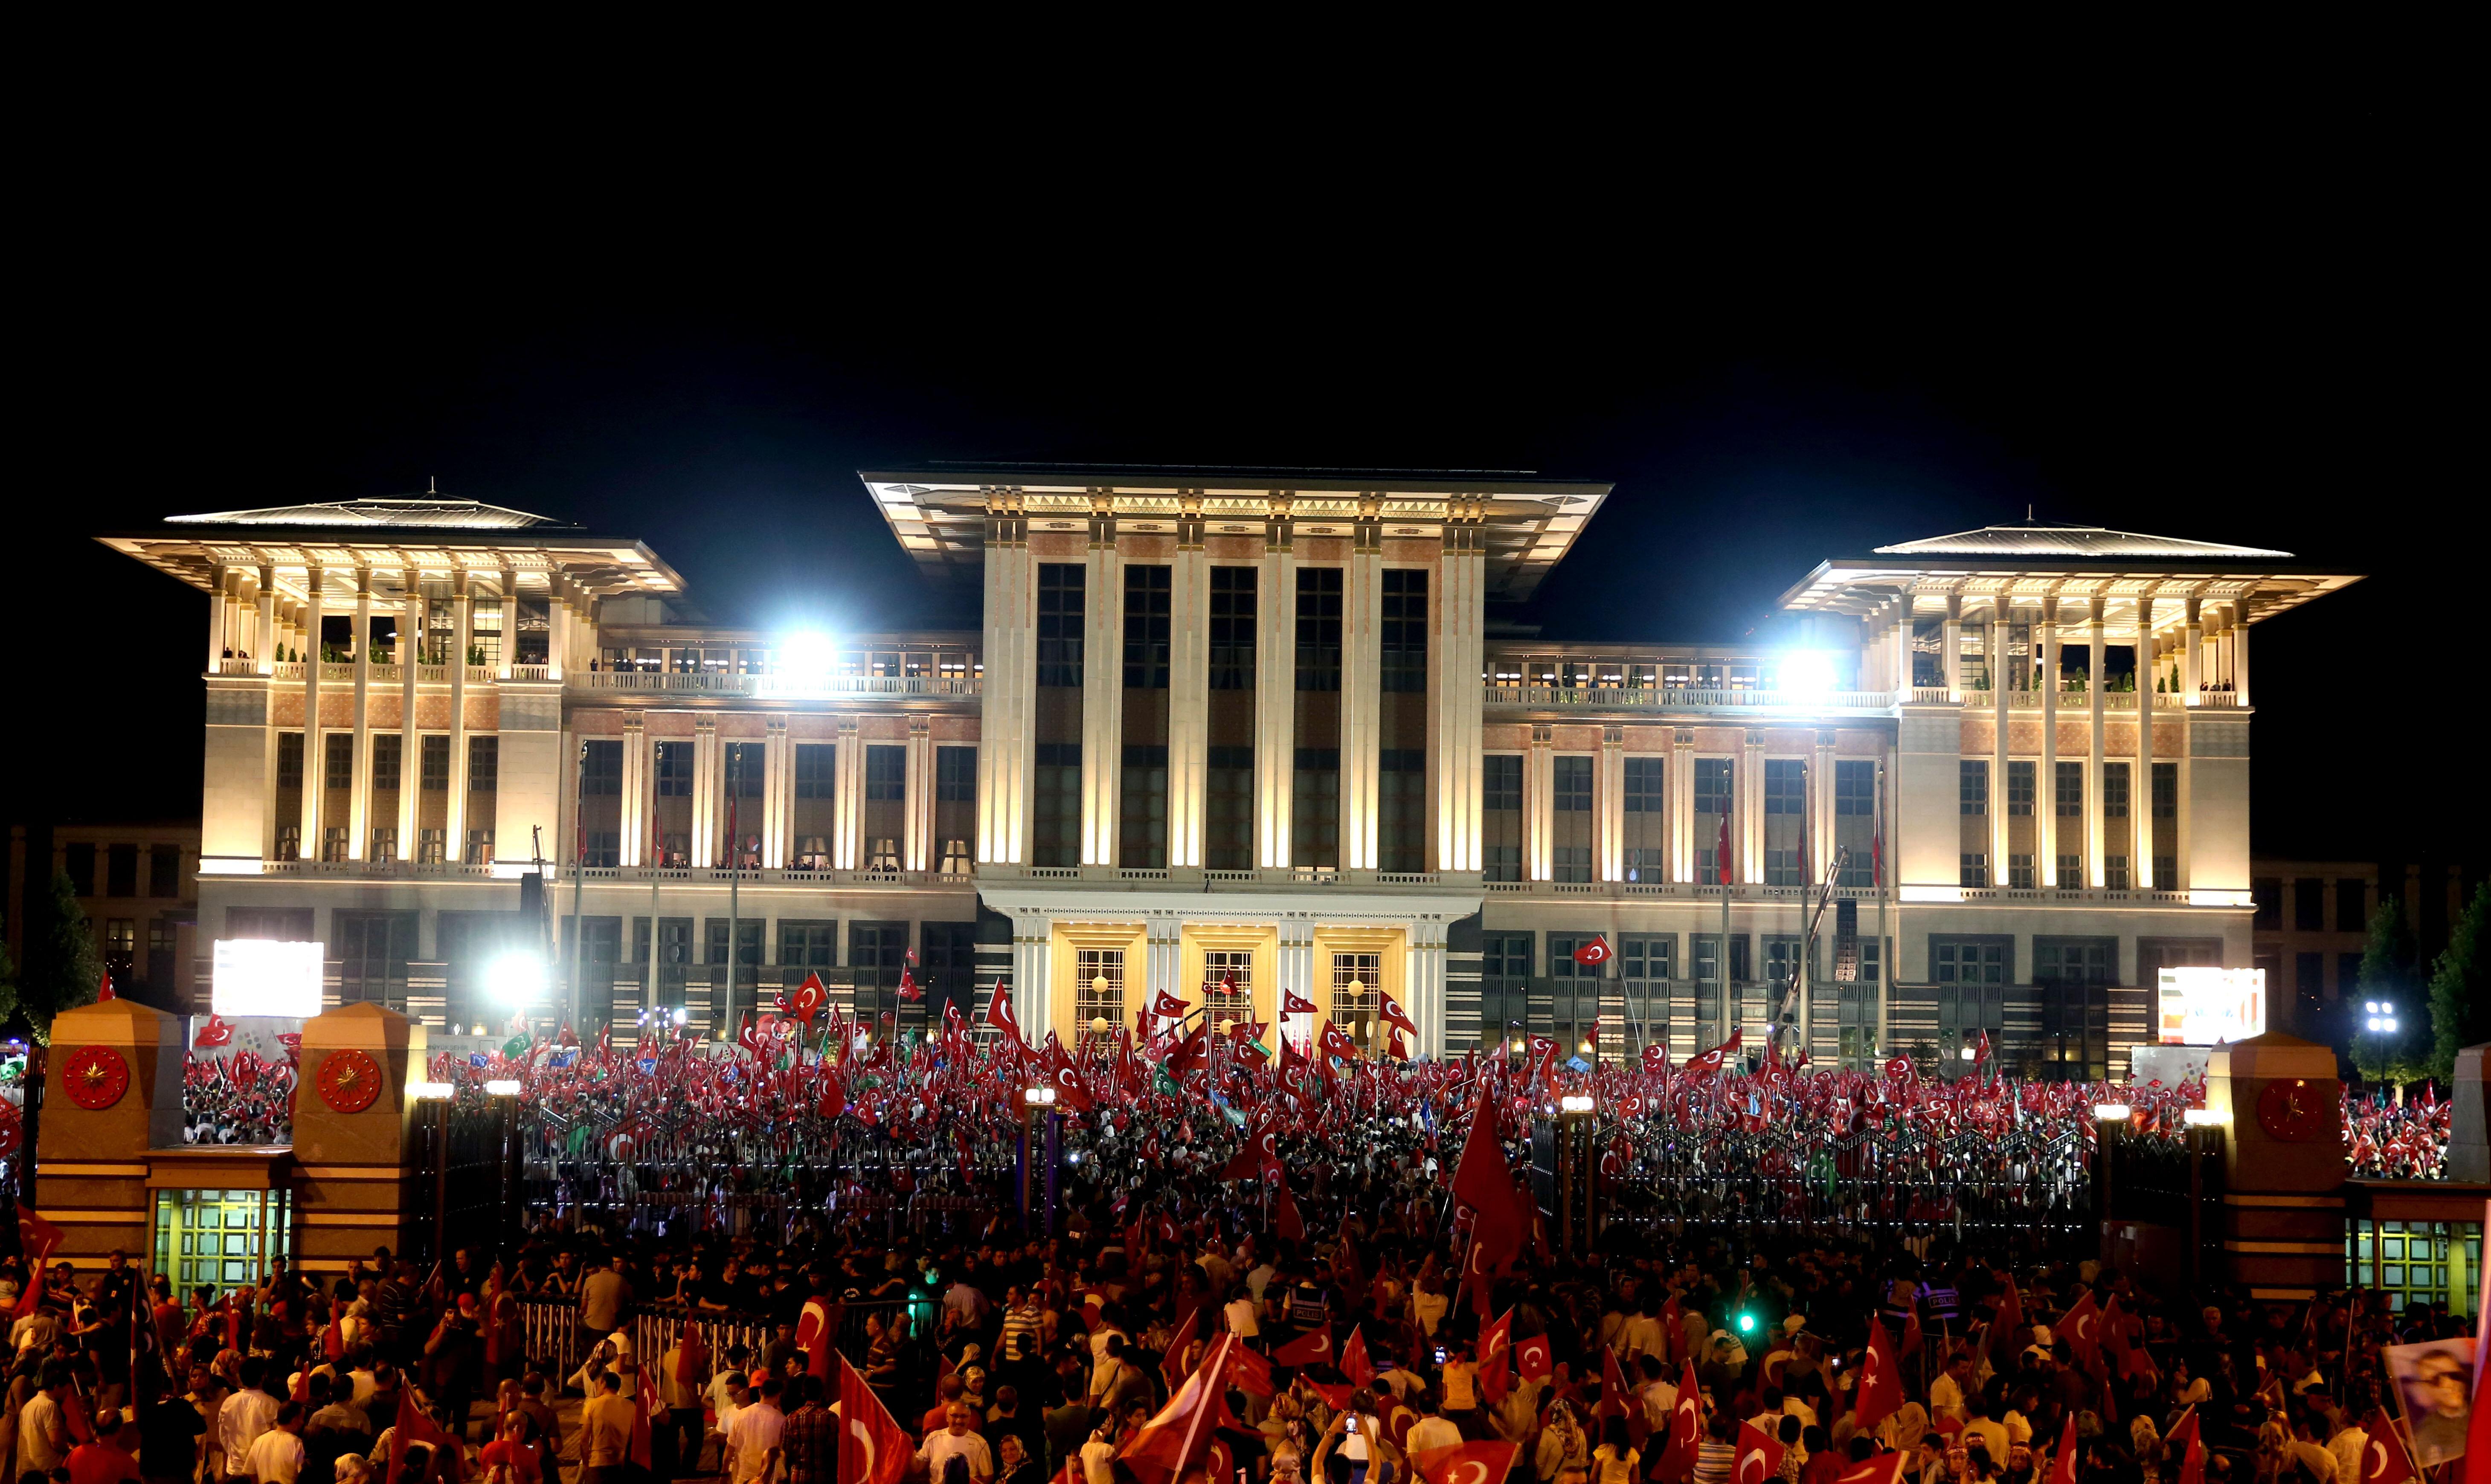 Demokrasi nöbetinin son gününde Cumhurbaşkanlığı Külliyesinin bahçesinde vatandaşlara seslendi.